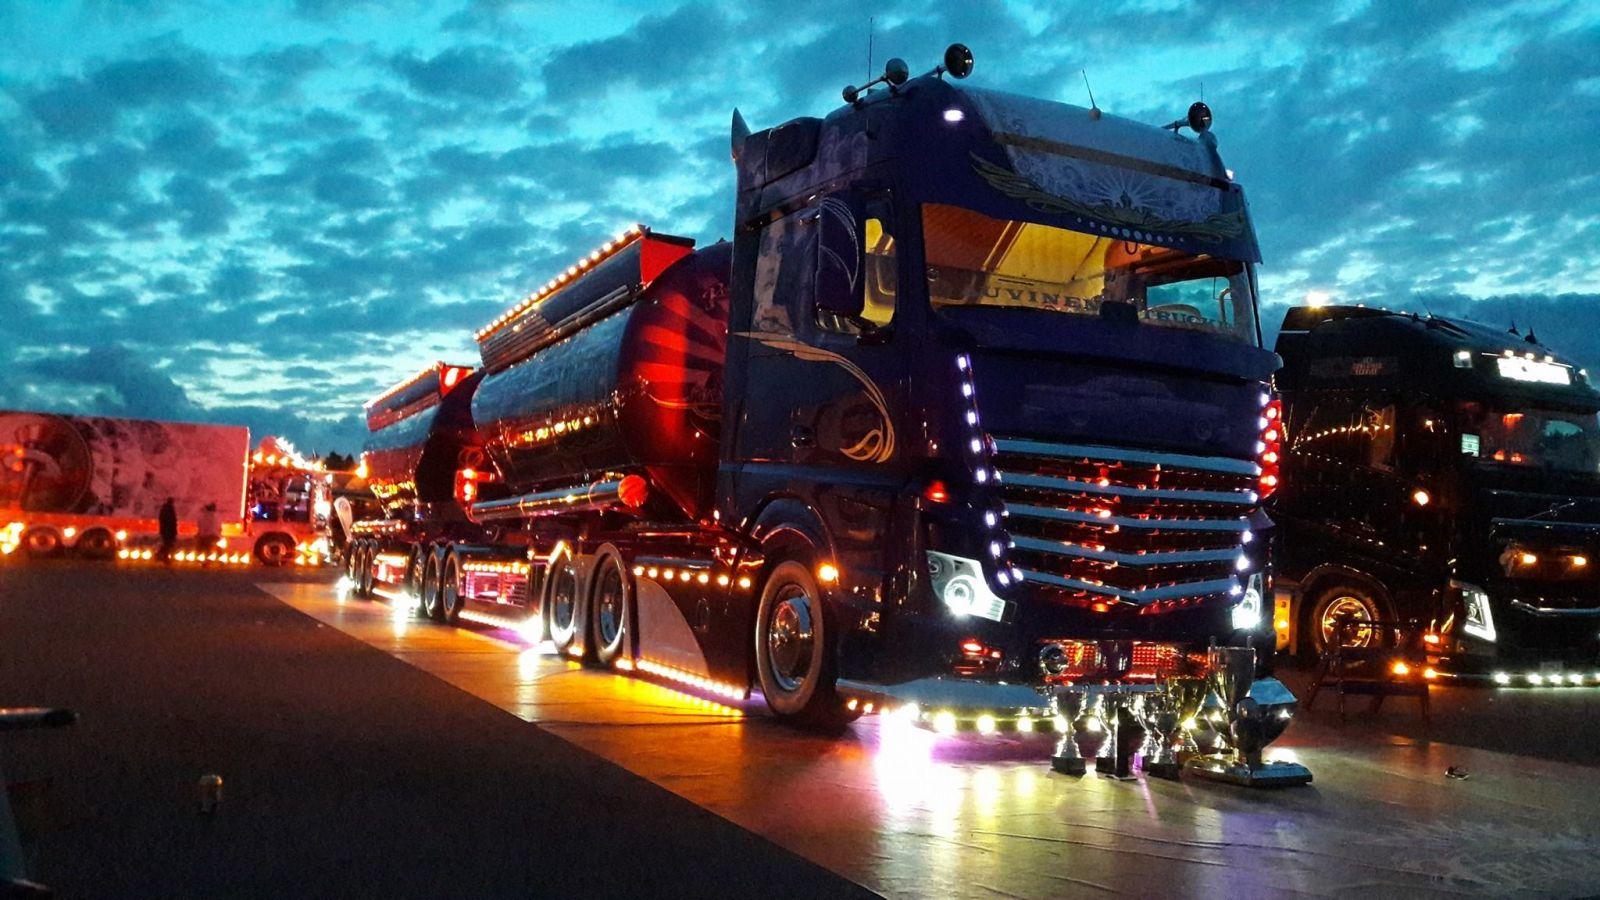 Auvinen-Trucking-Mercedes-Benz-Lowrider-Mika-Auvinen- (1)